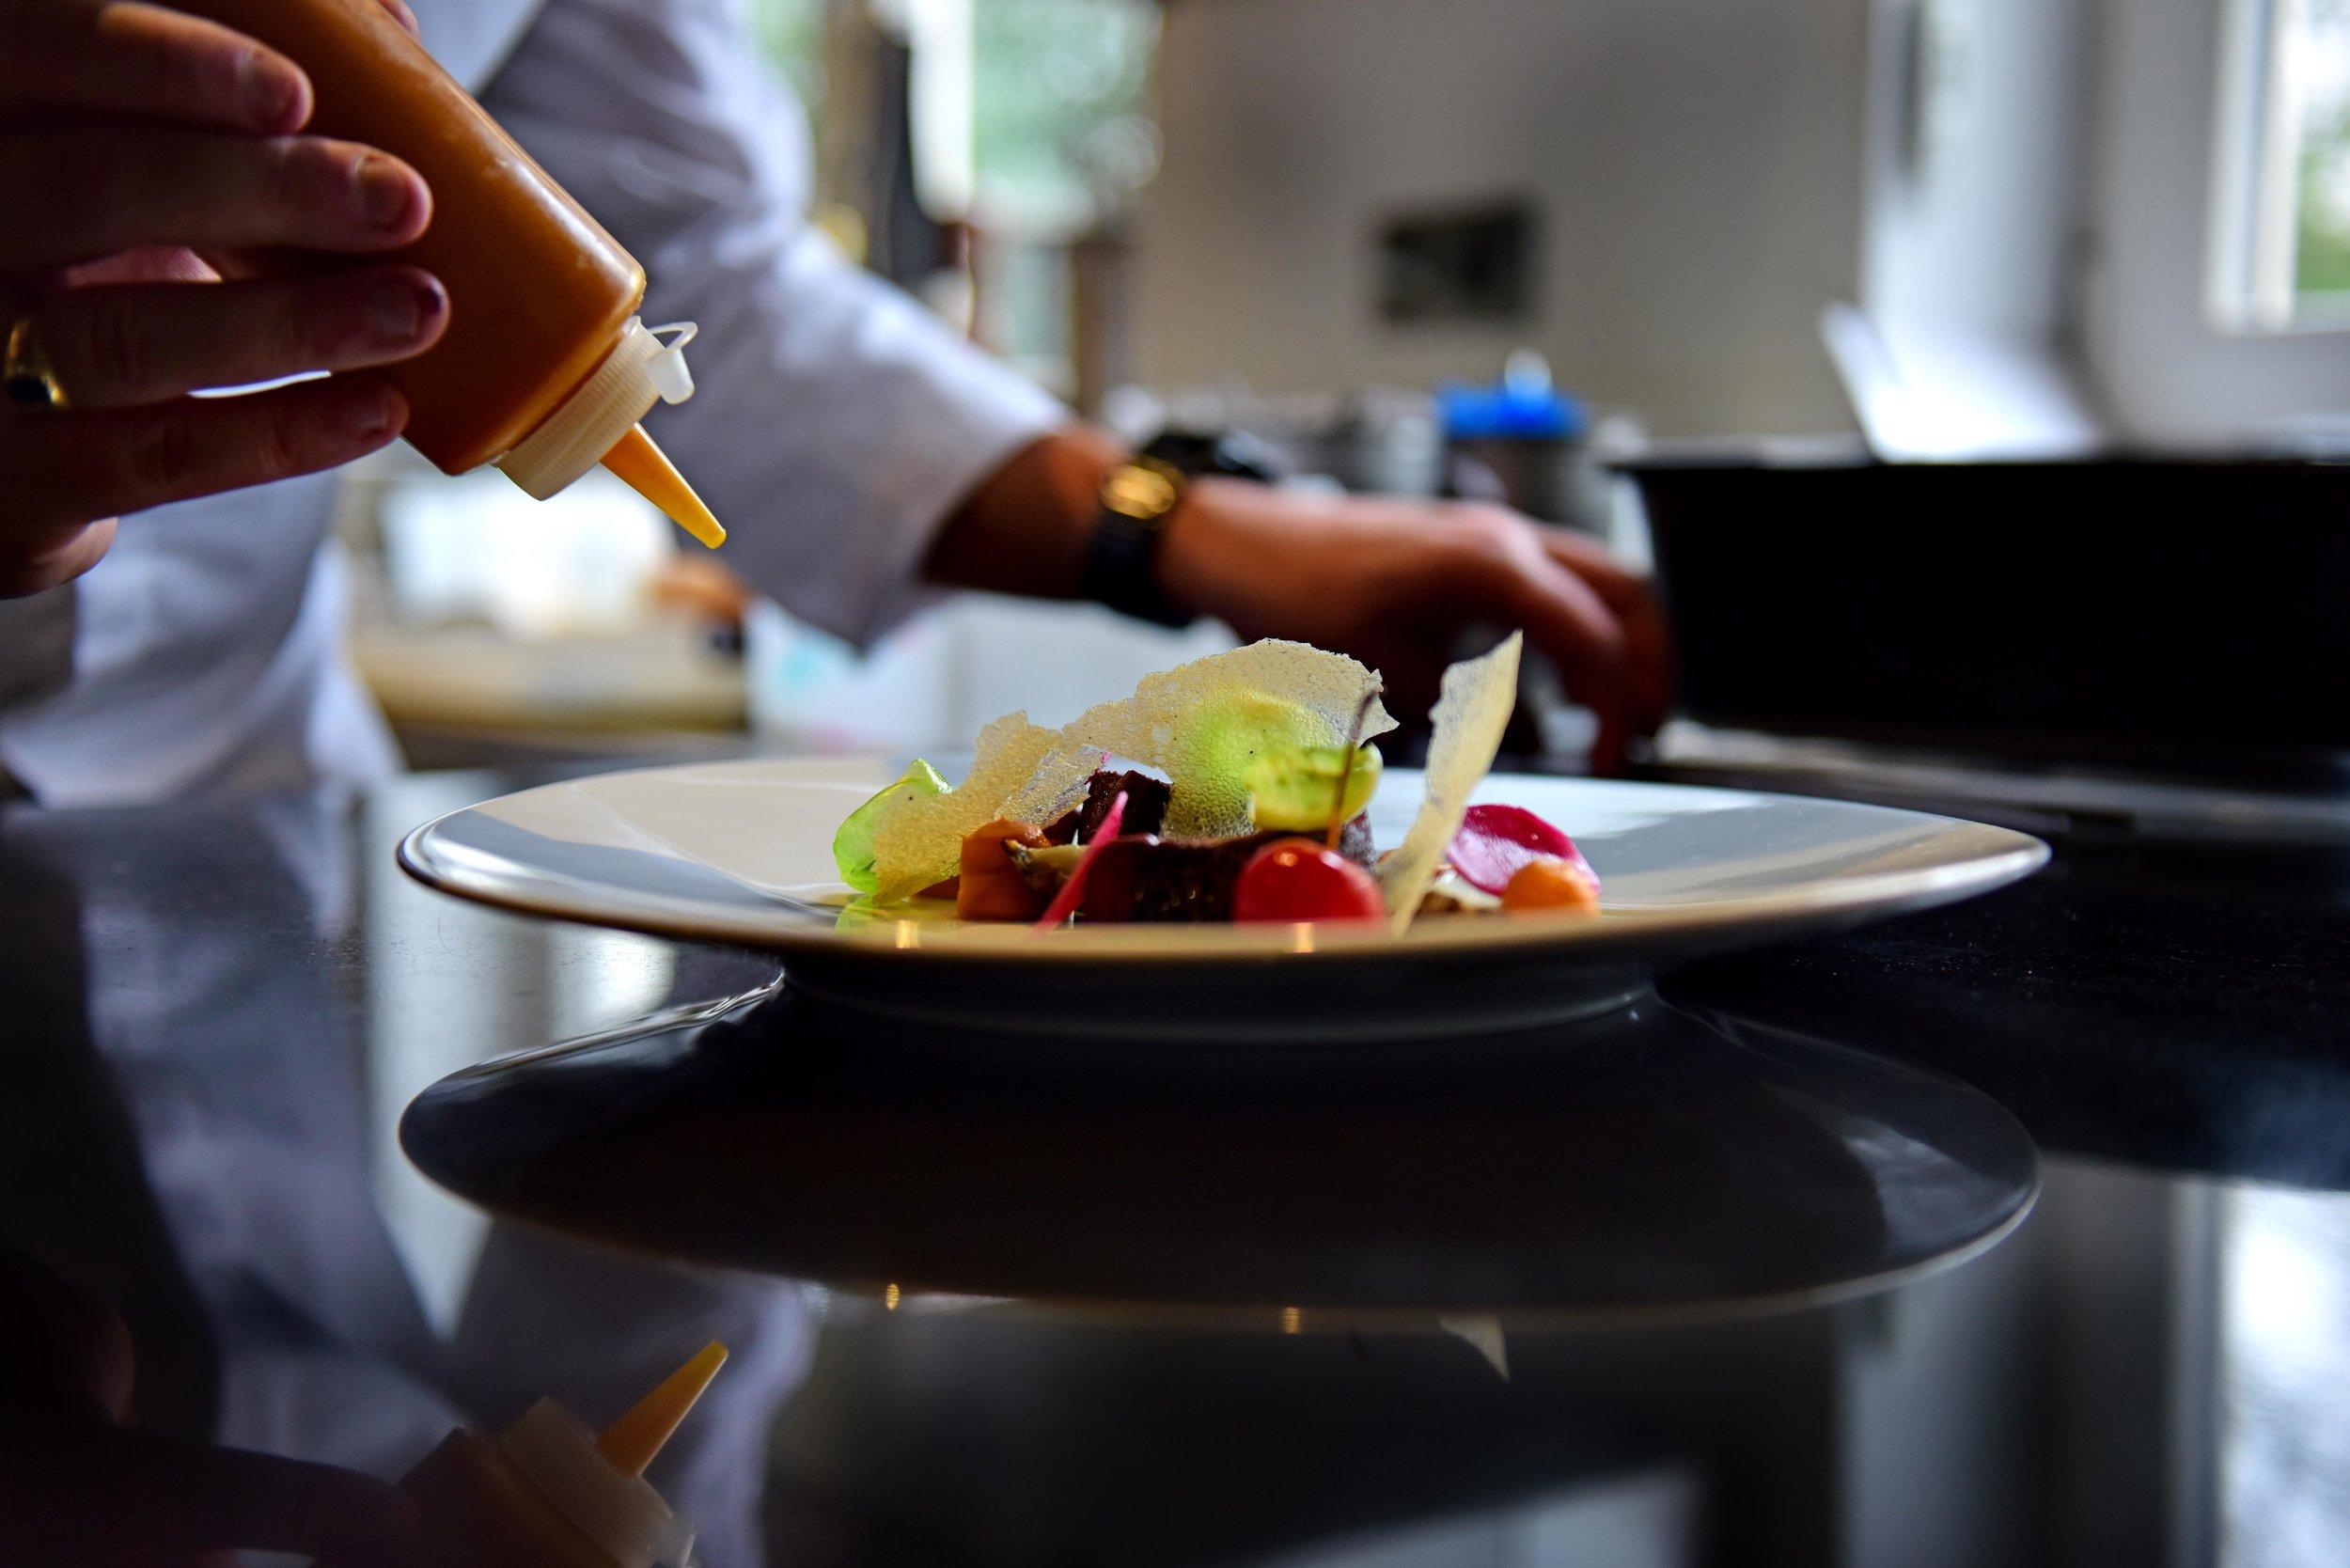 1 culinair restaurant menen gastronomisch bart albrecht fotograaf foodfotograaf tablefever beste culinaire top best belgium 10 top.jpg